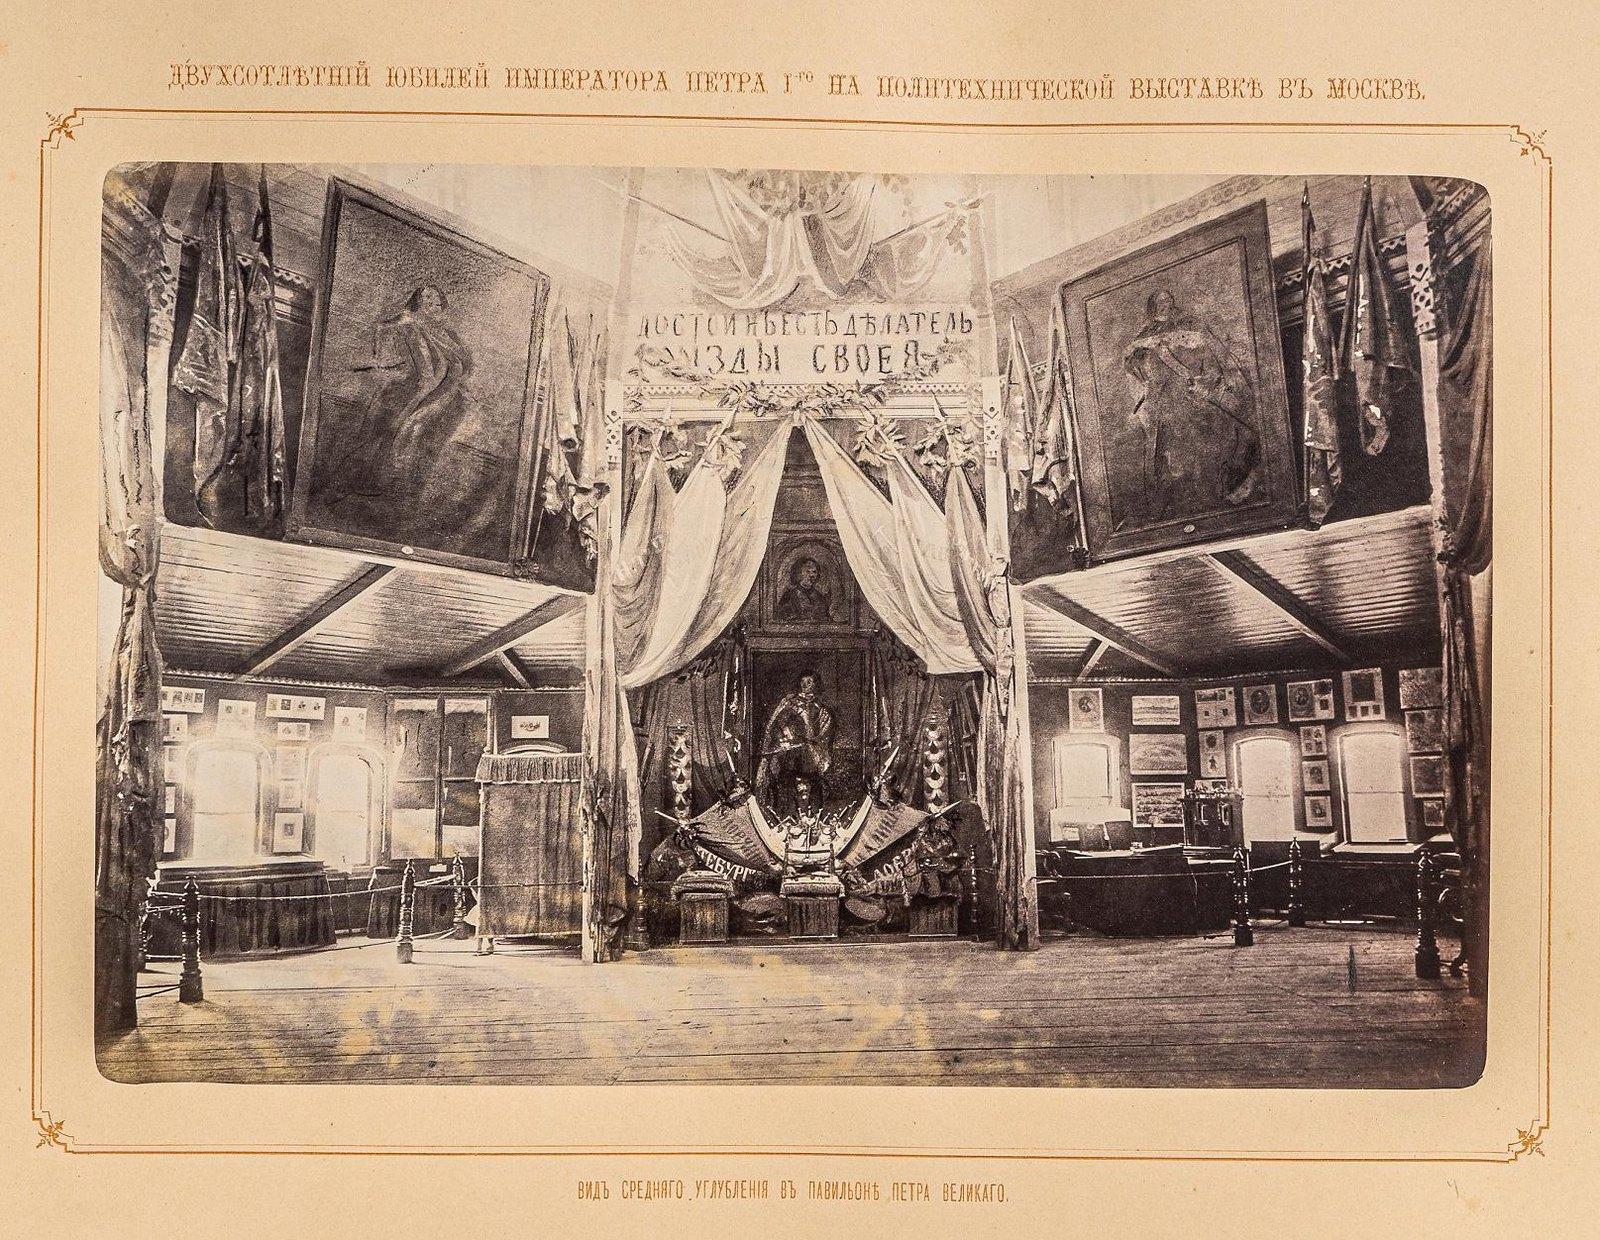 12. Павильон Петра Великого в Кремле (центральная часть Исторического отдела). Вид среднего углубления с портретами императора